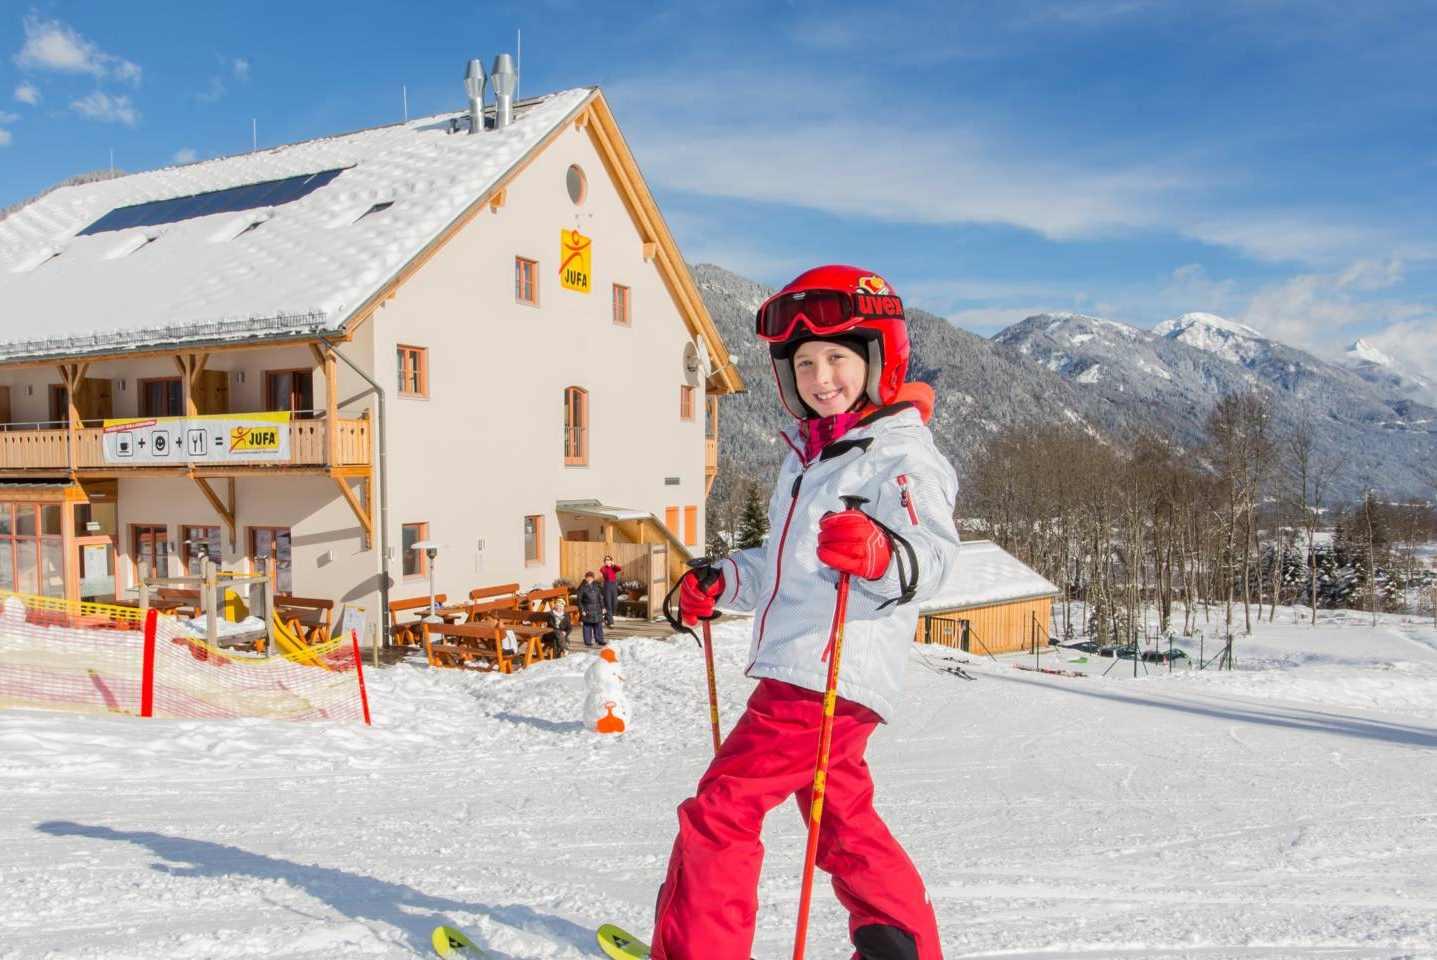 Skihotel an der Piste und kostenloser Skipass für die ganze Familie